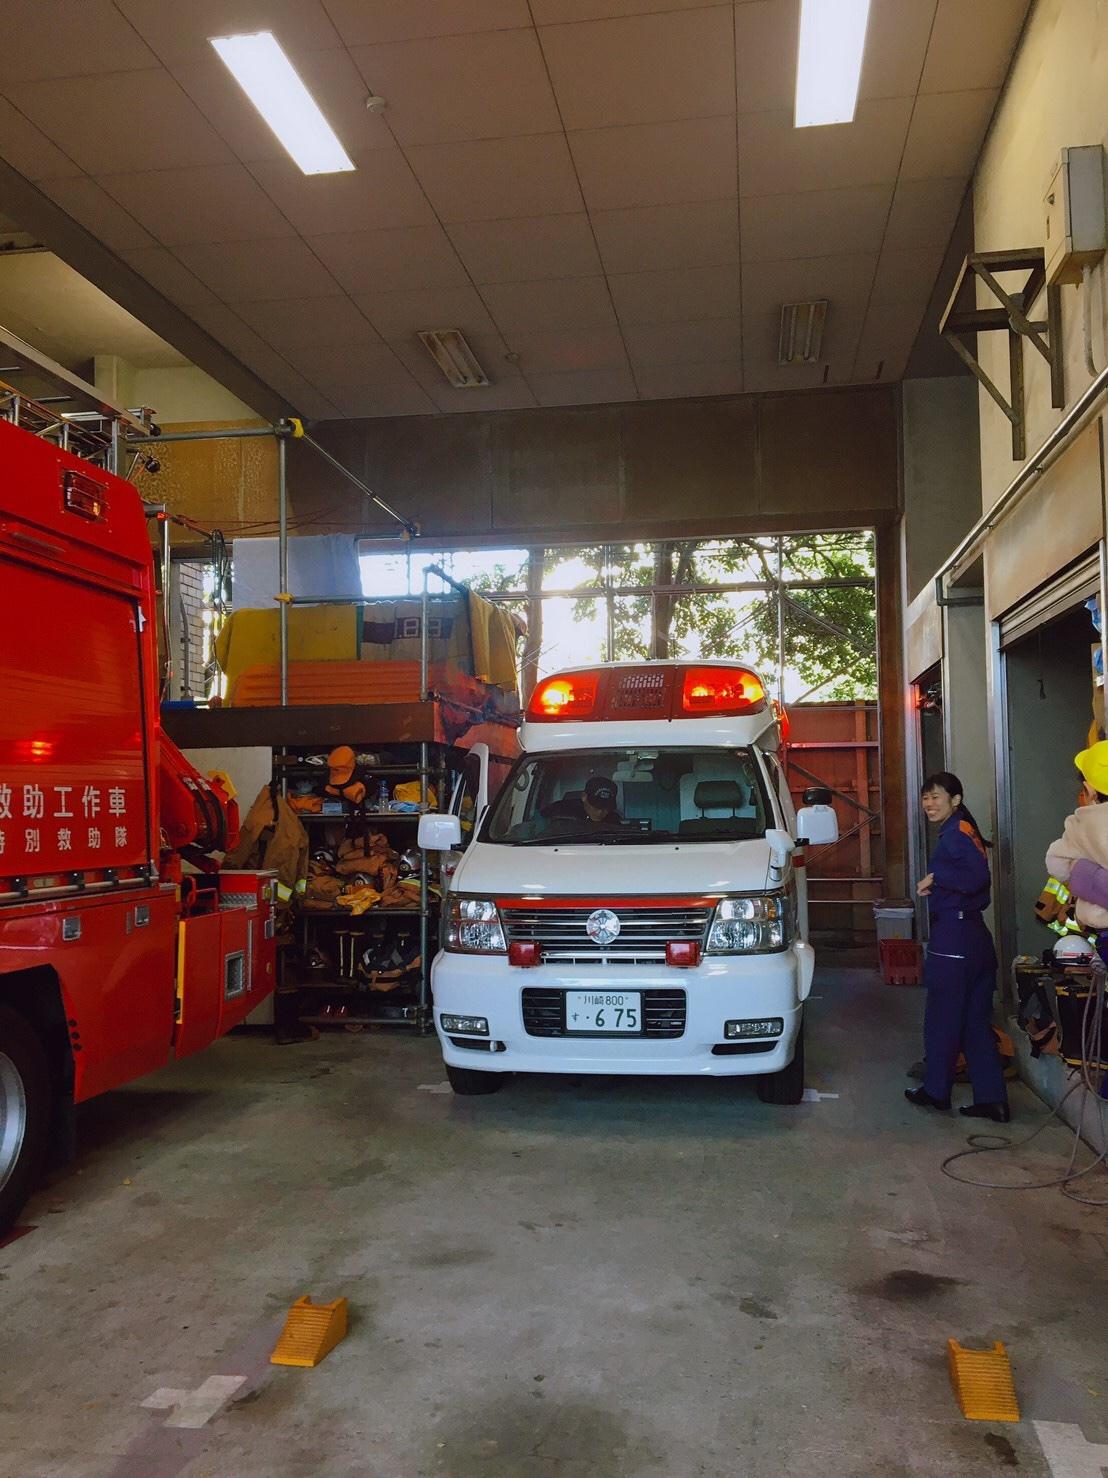 新百合ヶ丘ルーム*消防署見学へ*_a0318871_22310084.jpeg